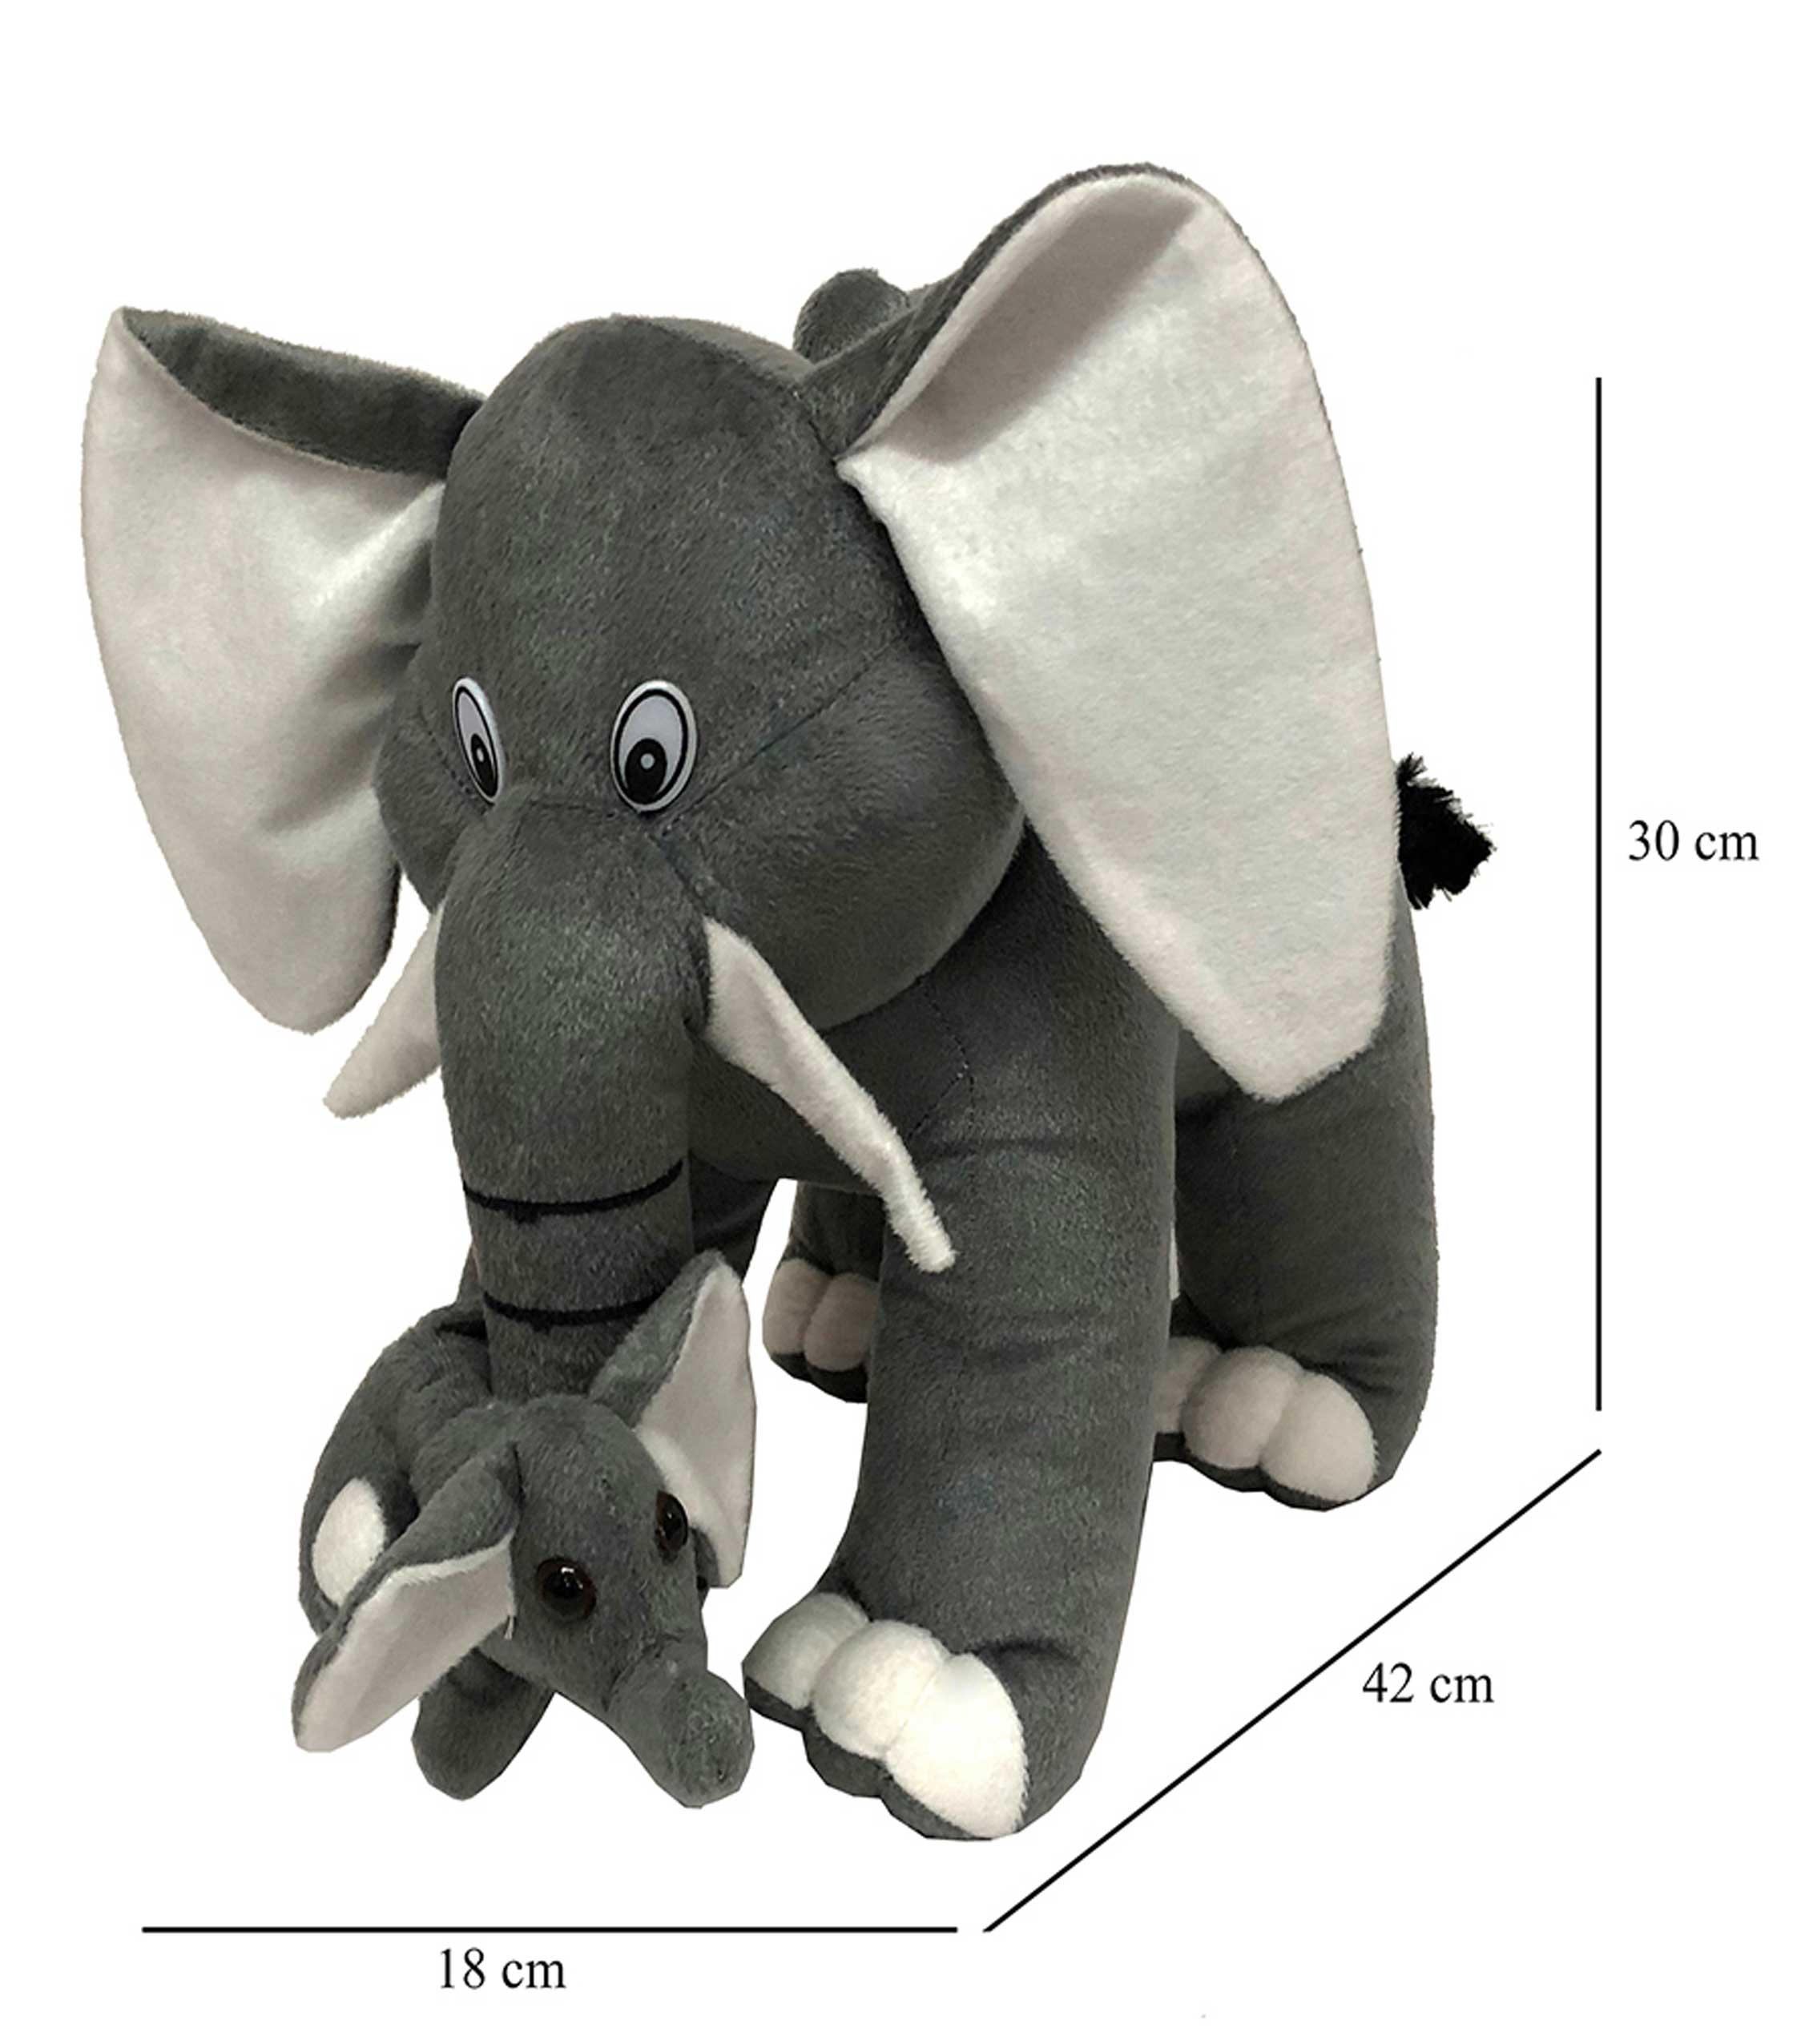 ELEPHANT & BABIES